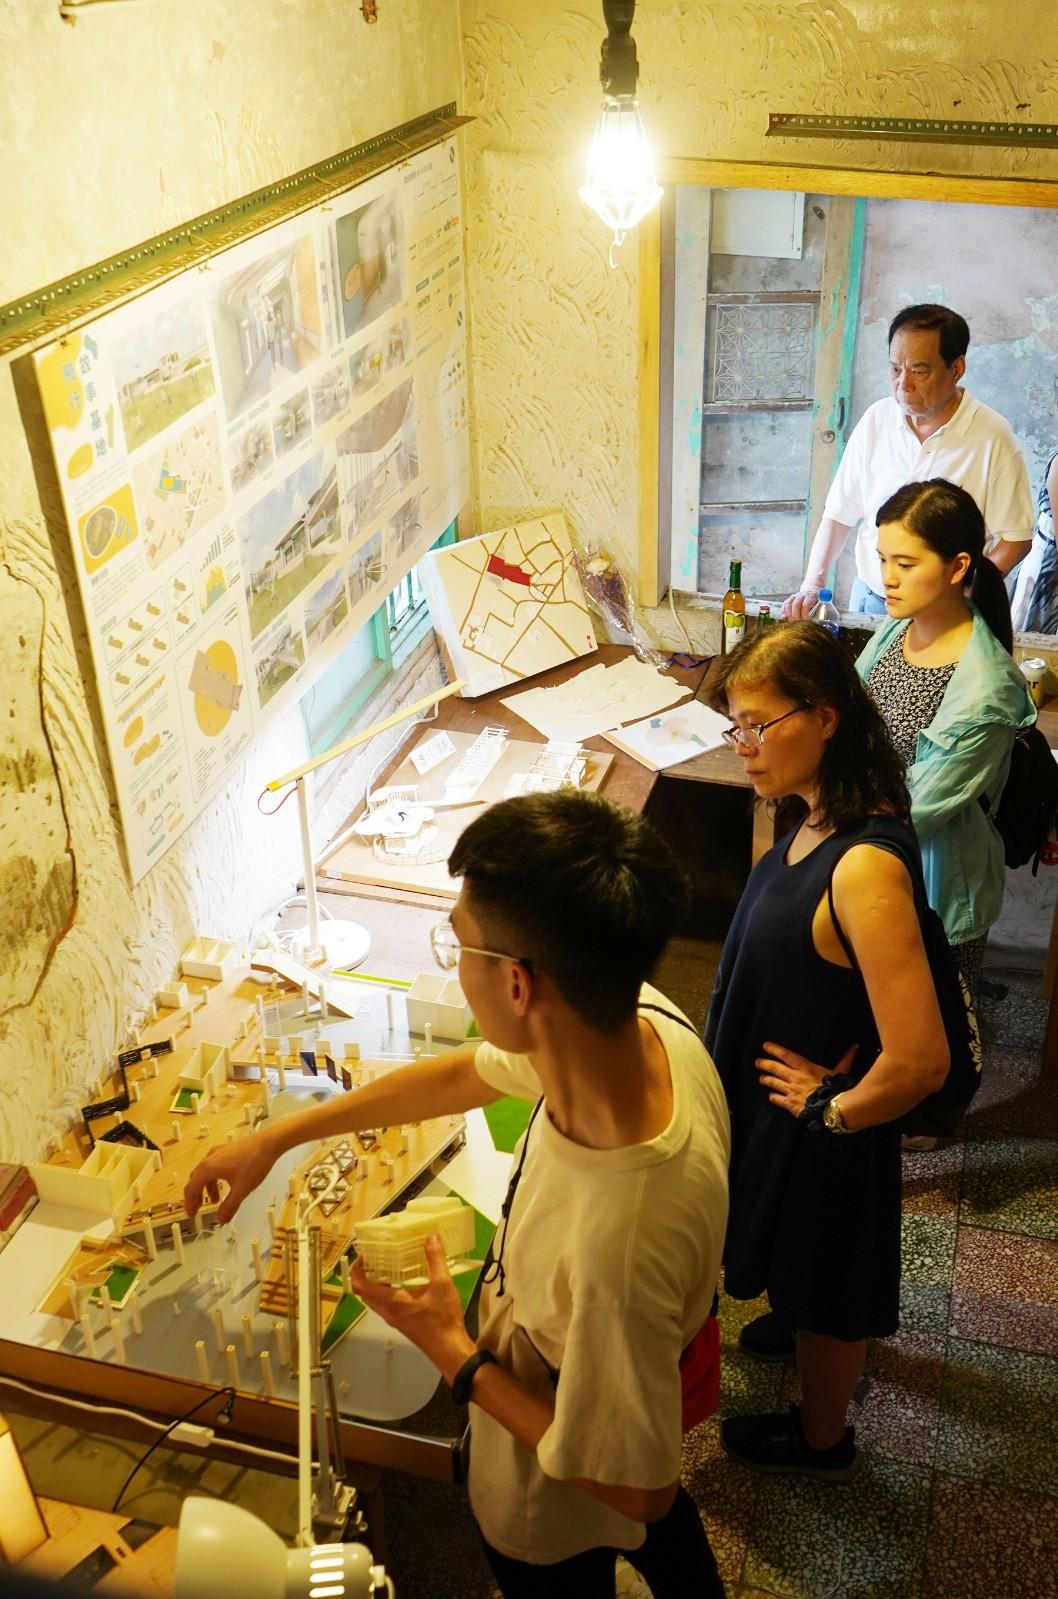 中原大學室內設計學系翁子軒向家人解說自己及許沅政同學共同創作的「文化再啟航」作品,其家人感到非常驕傲。.jpg